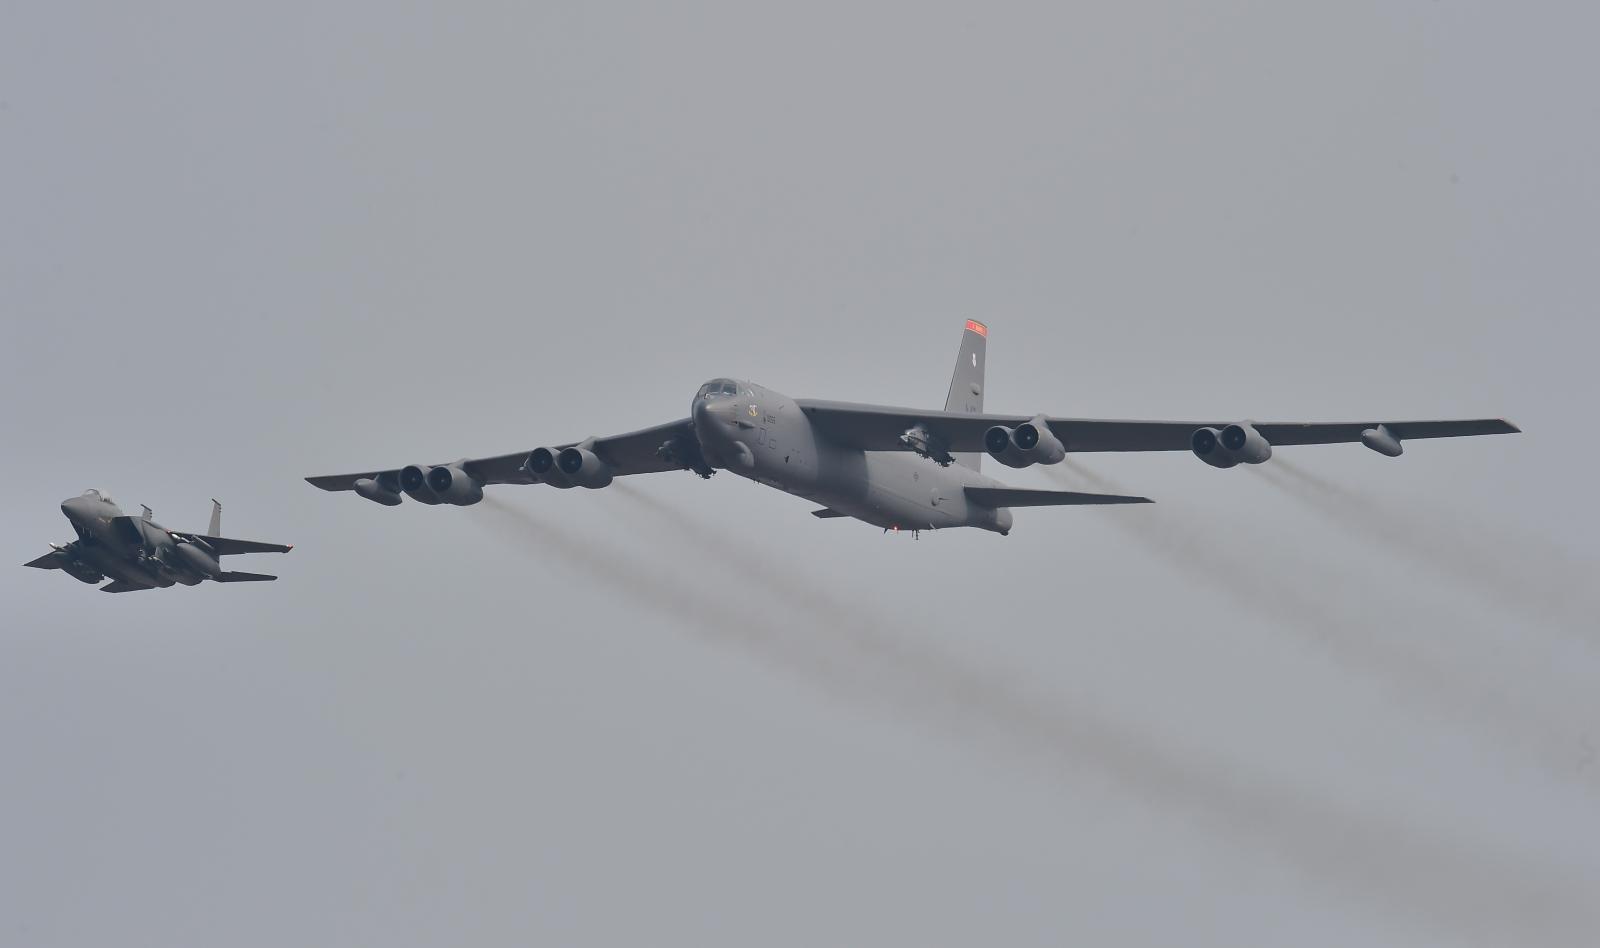 """สหรัฐฯส่ง """"เครื่องบินทิ้งระเบิด B-52"""" ไปมหาสมุทรอินเดีย เตรียมรับมืออิหร่าน"""